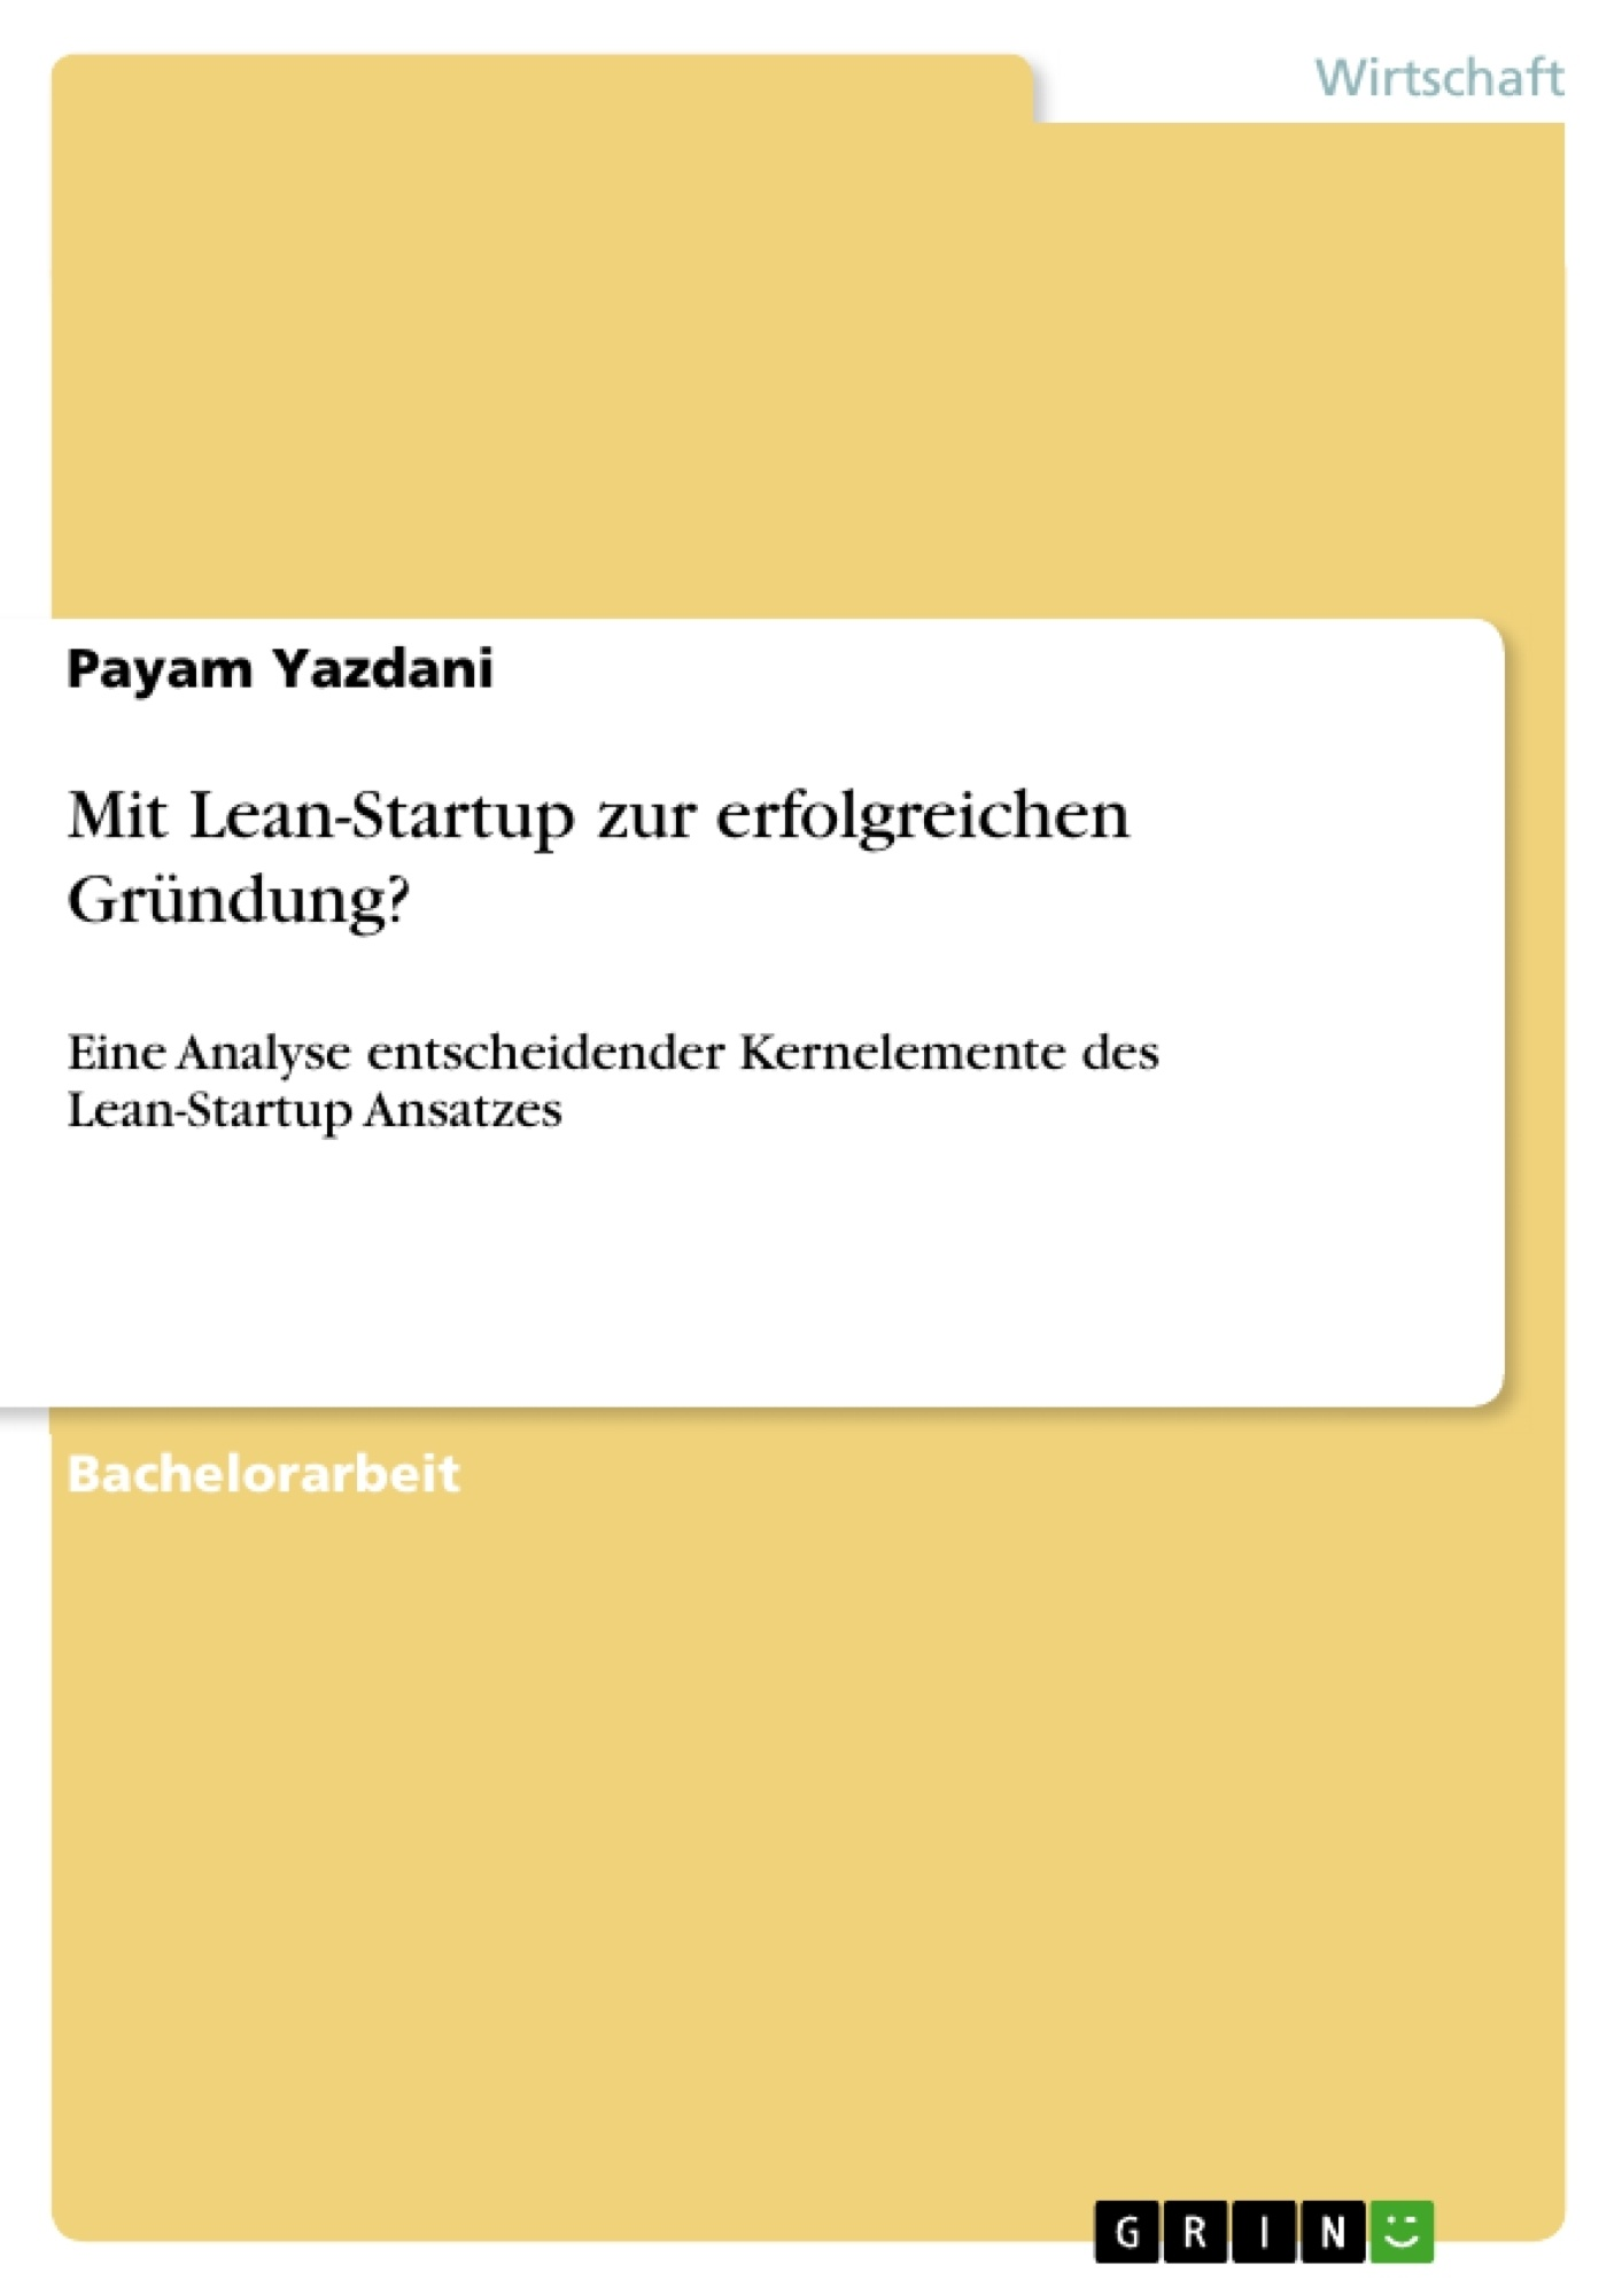 Titel: Mit Lean-Startup zur erfolgreichen Gründung?